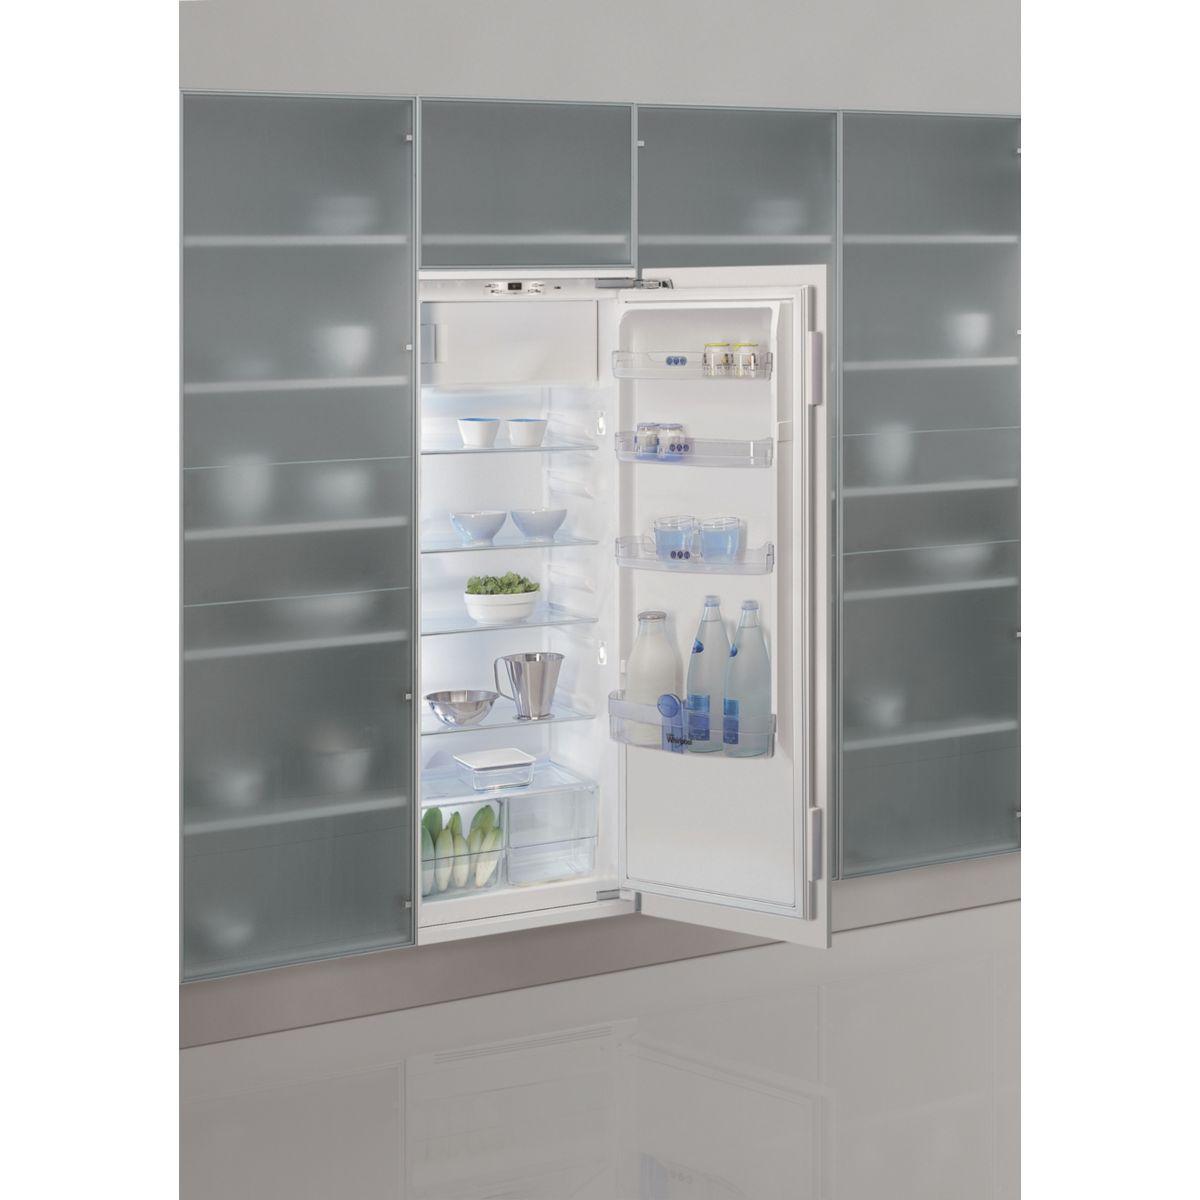 Réfrigérateur 1 porte encastrable WHIRLPOOL ARG 947/6